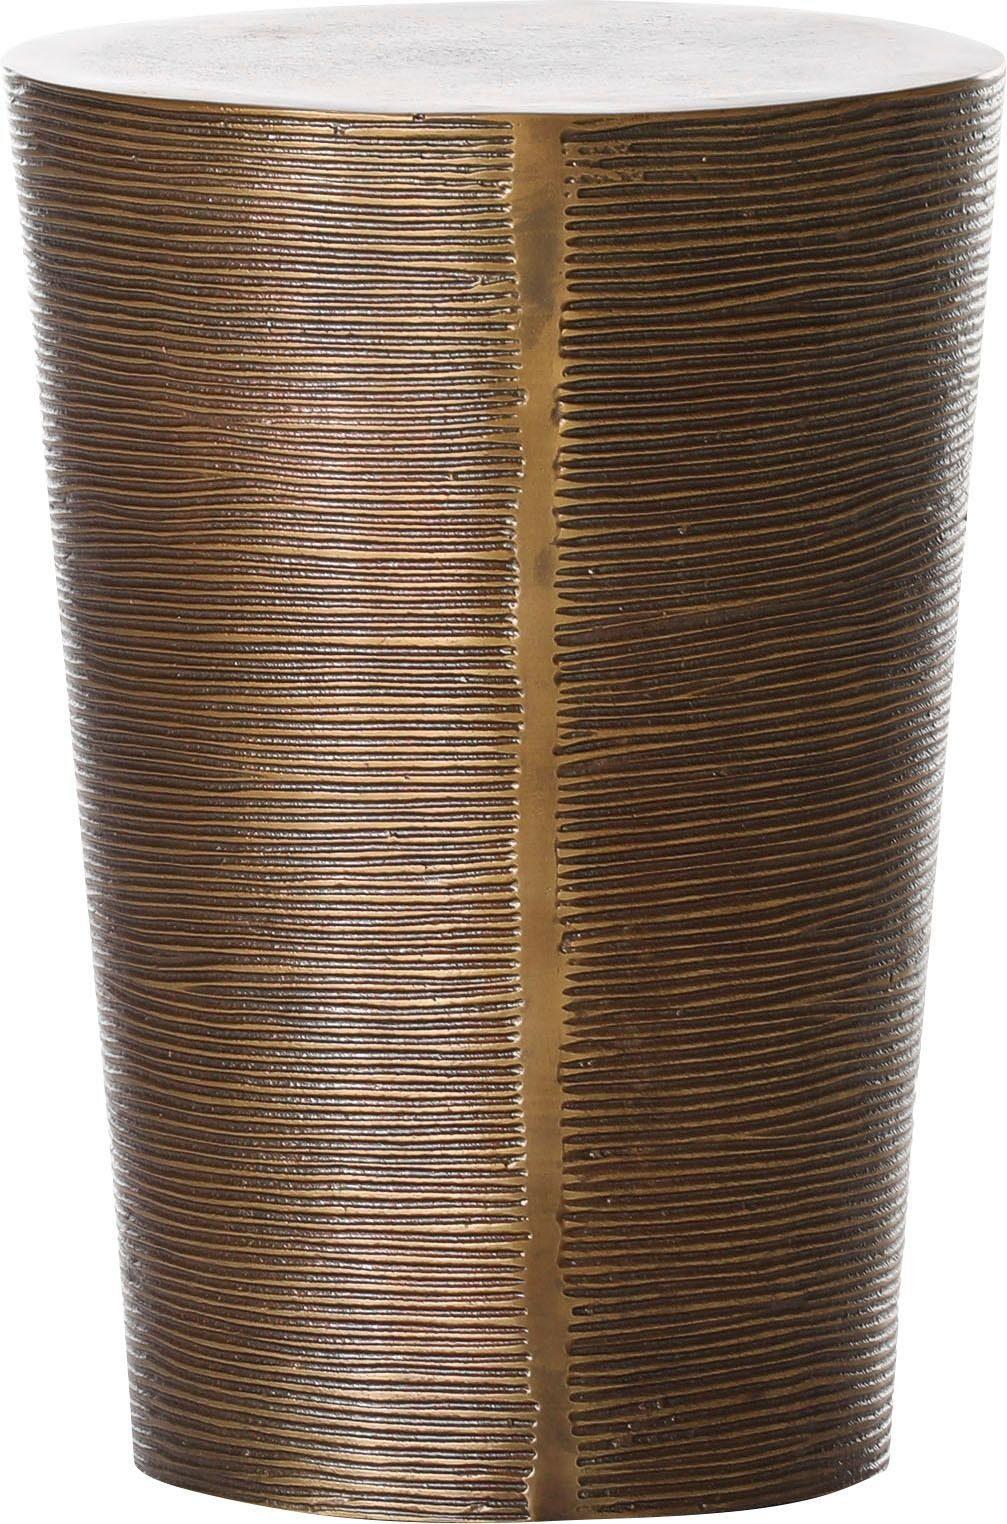 Gutmann Factory Beistelltisch 65762, mit dekorativen Fräsungen goldfarben Beistelltische Tische